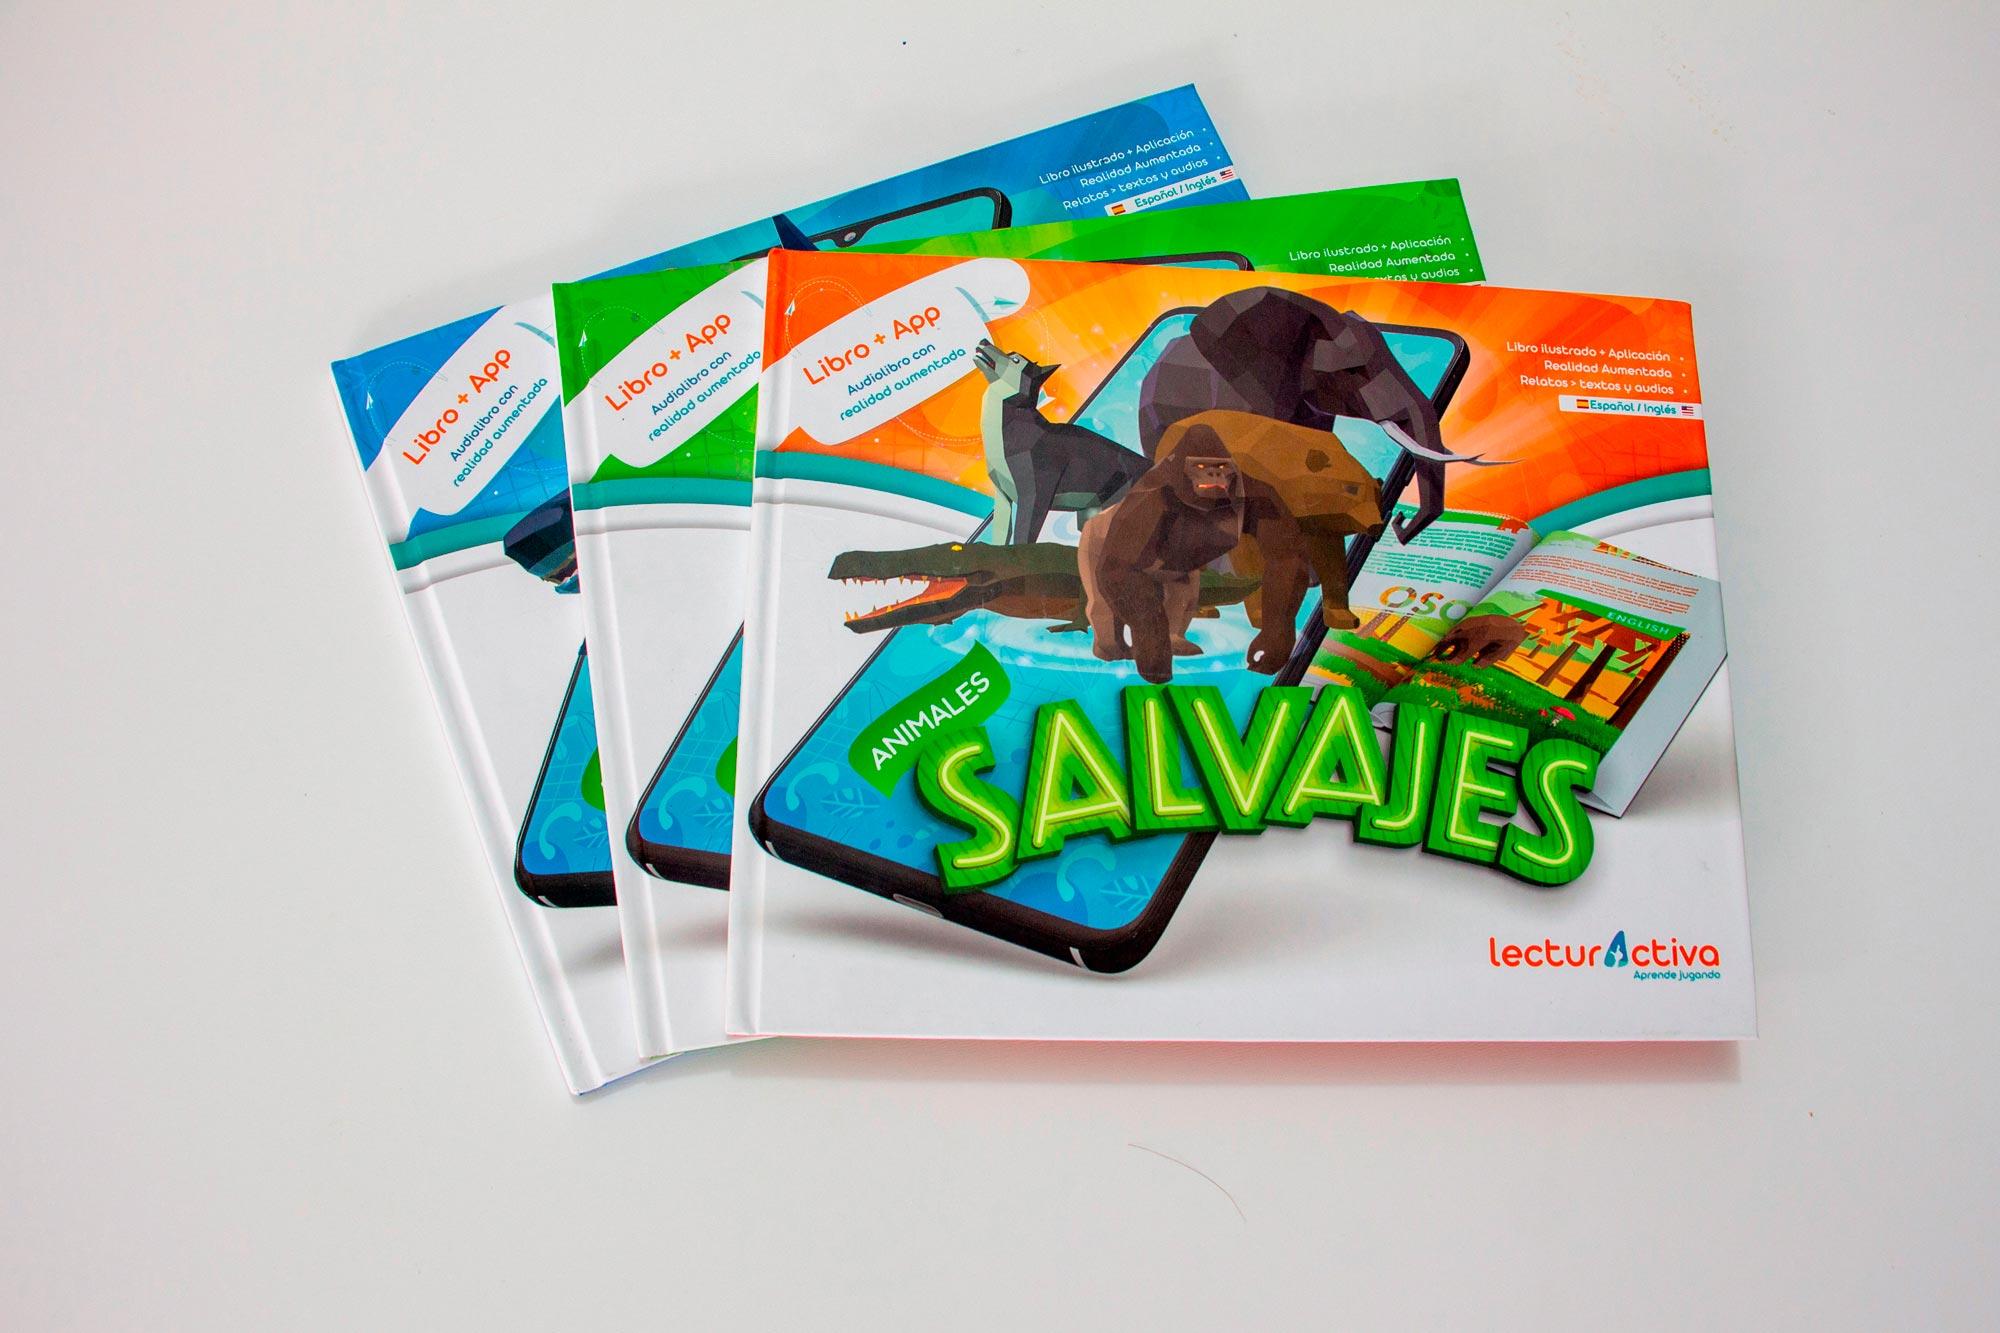 libros-interactivos-bilingues-para-niños-y-jovenes-28